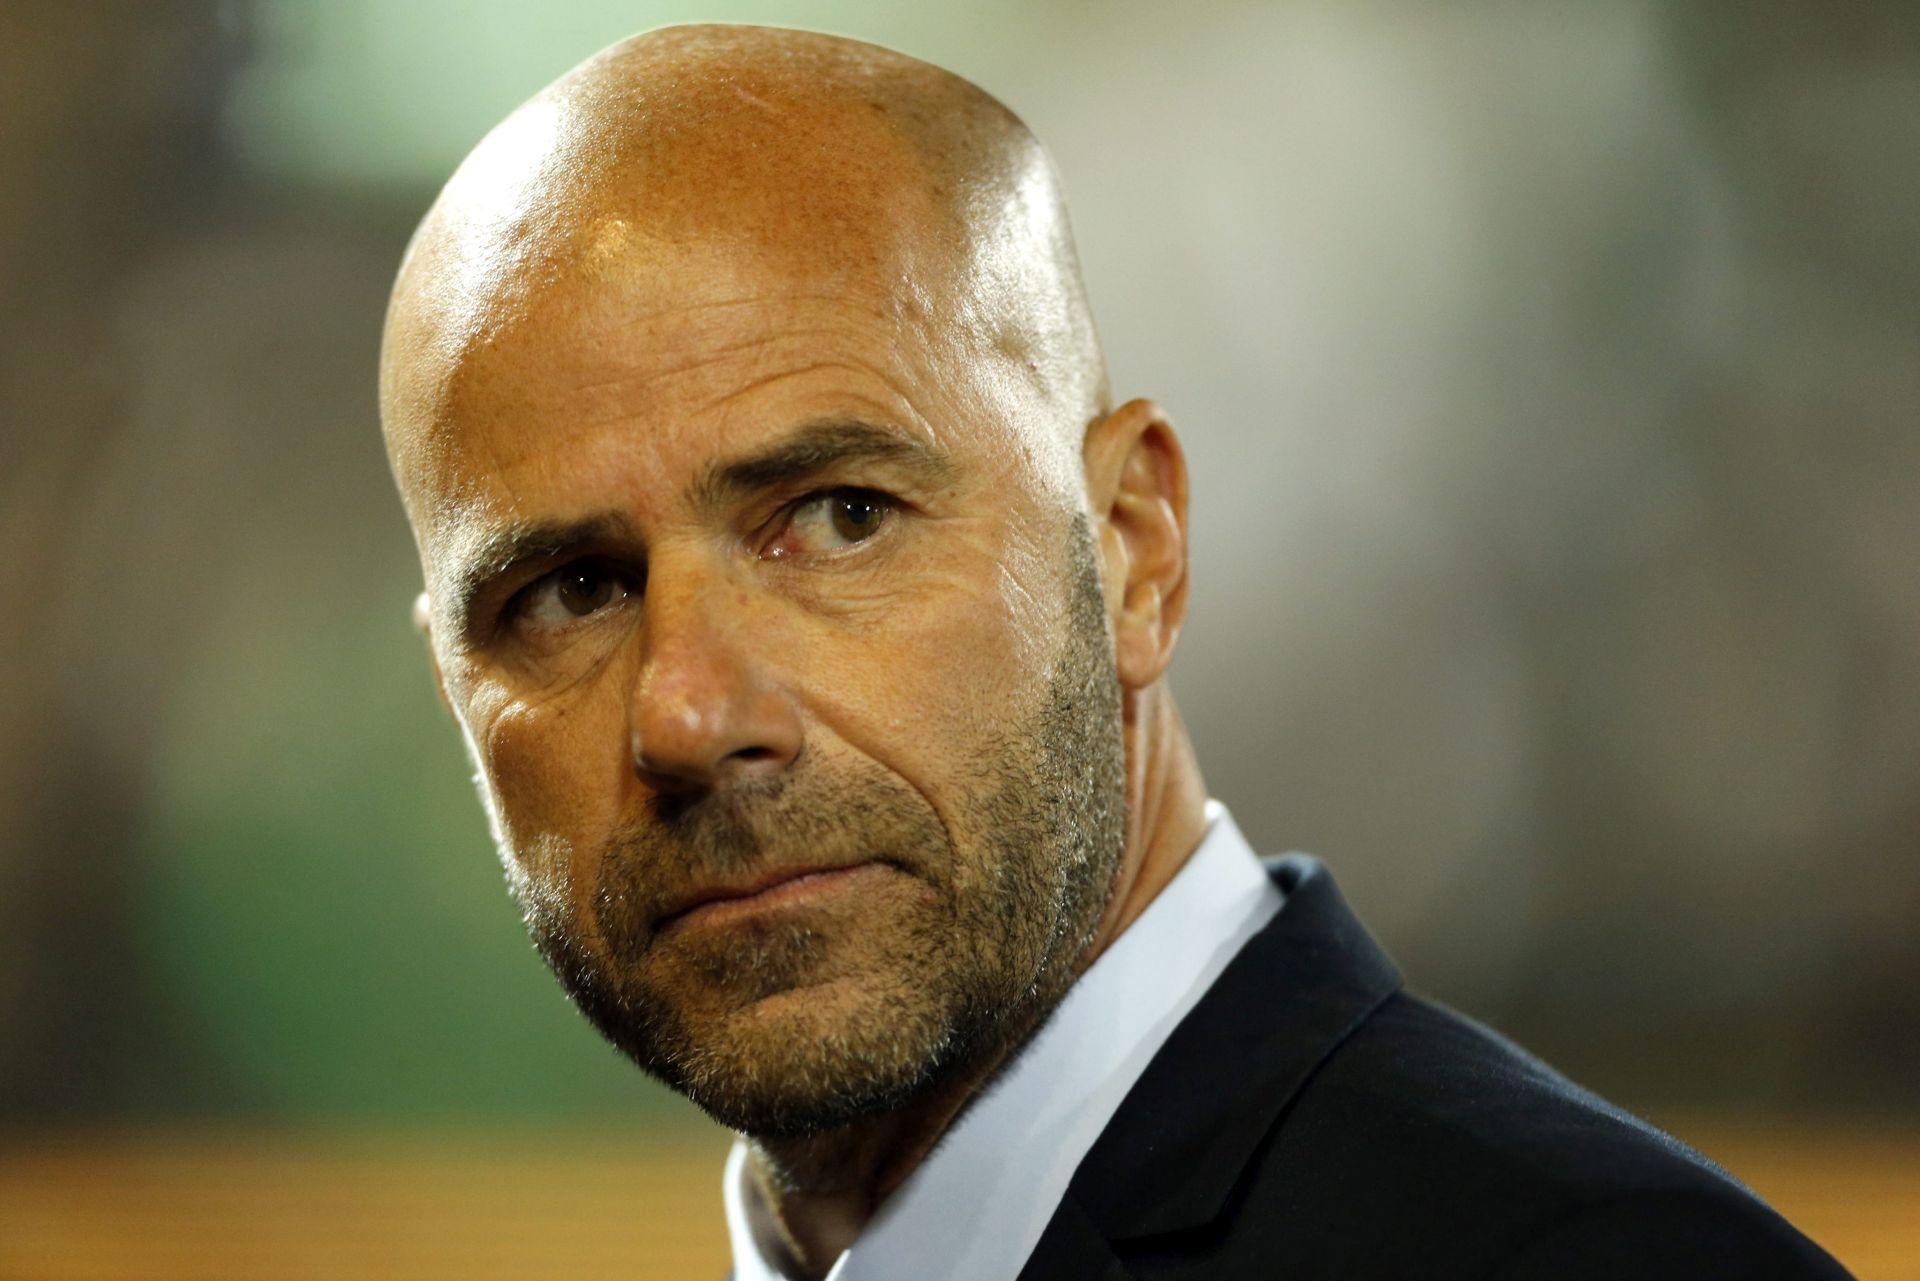 OTKAZ Borussia Dortmund otpustila Bosza, Peter Stoeger novi trener